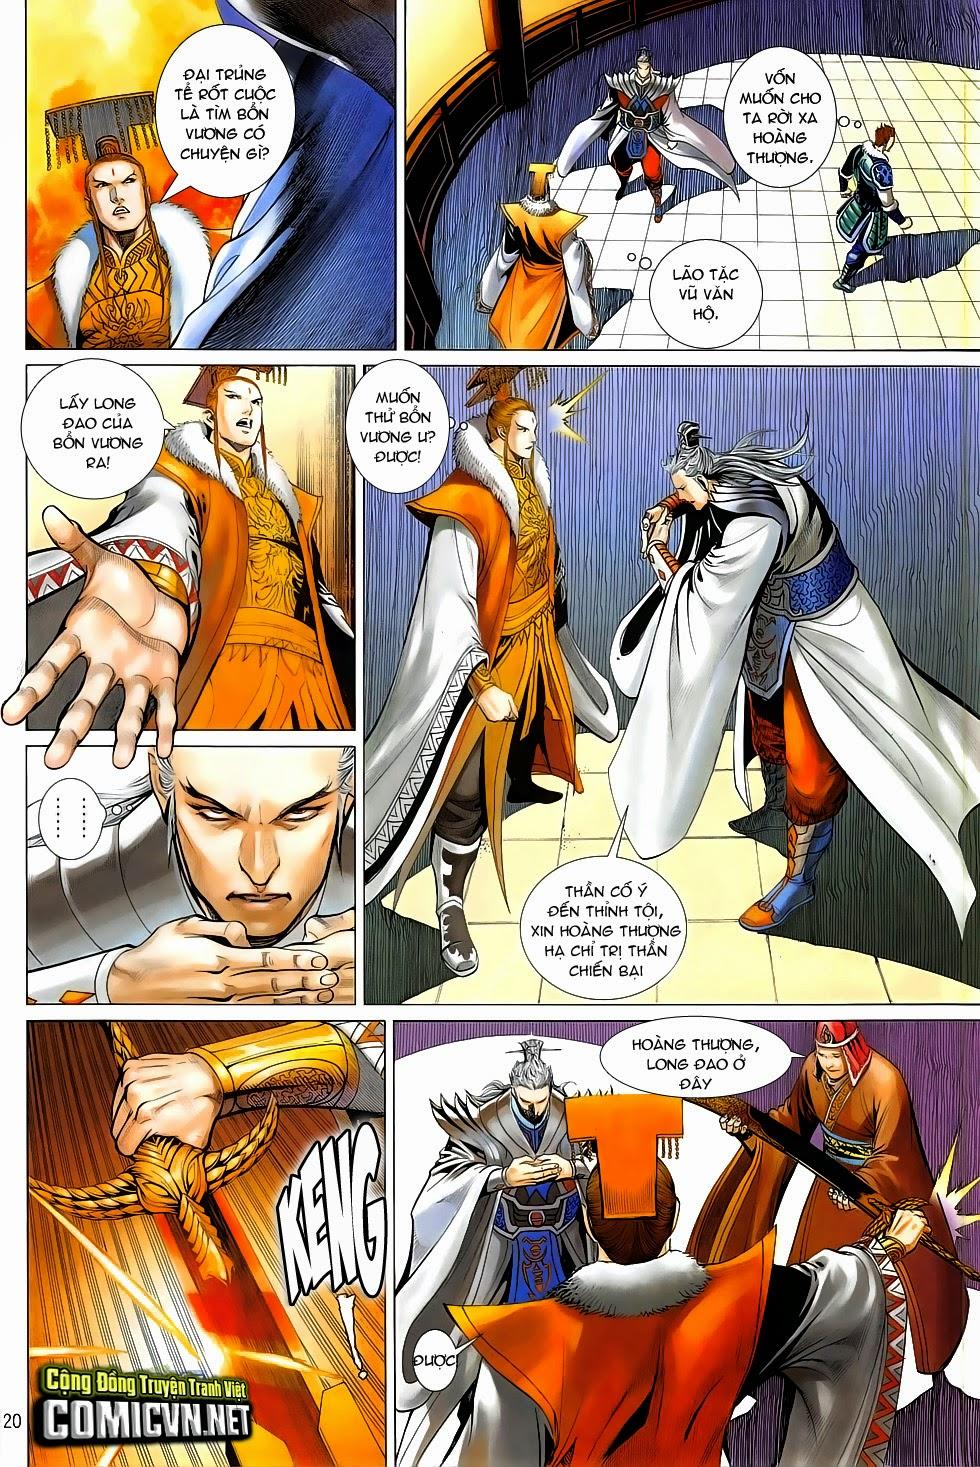 Chiến Phổ chapter 5: lôi hỏa kinh thiên chiến trang 19